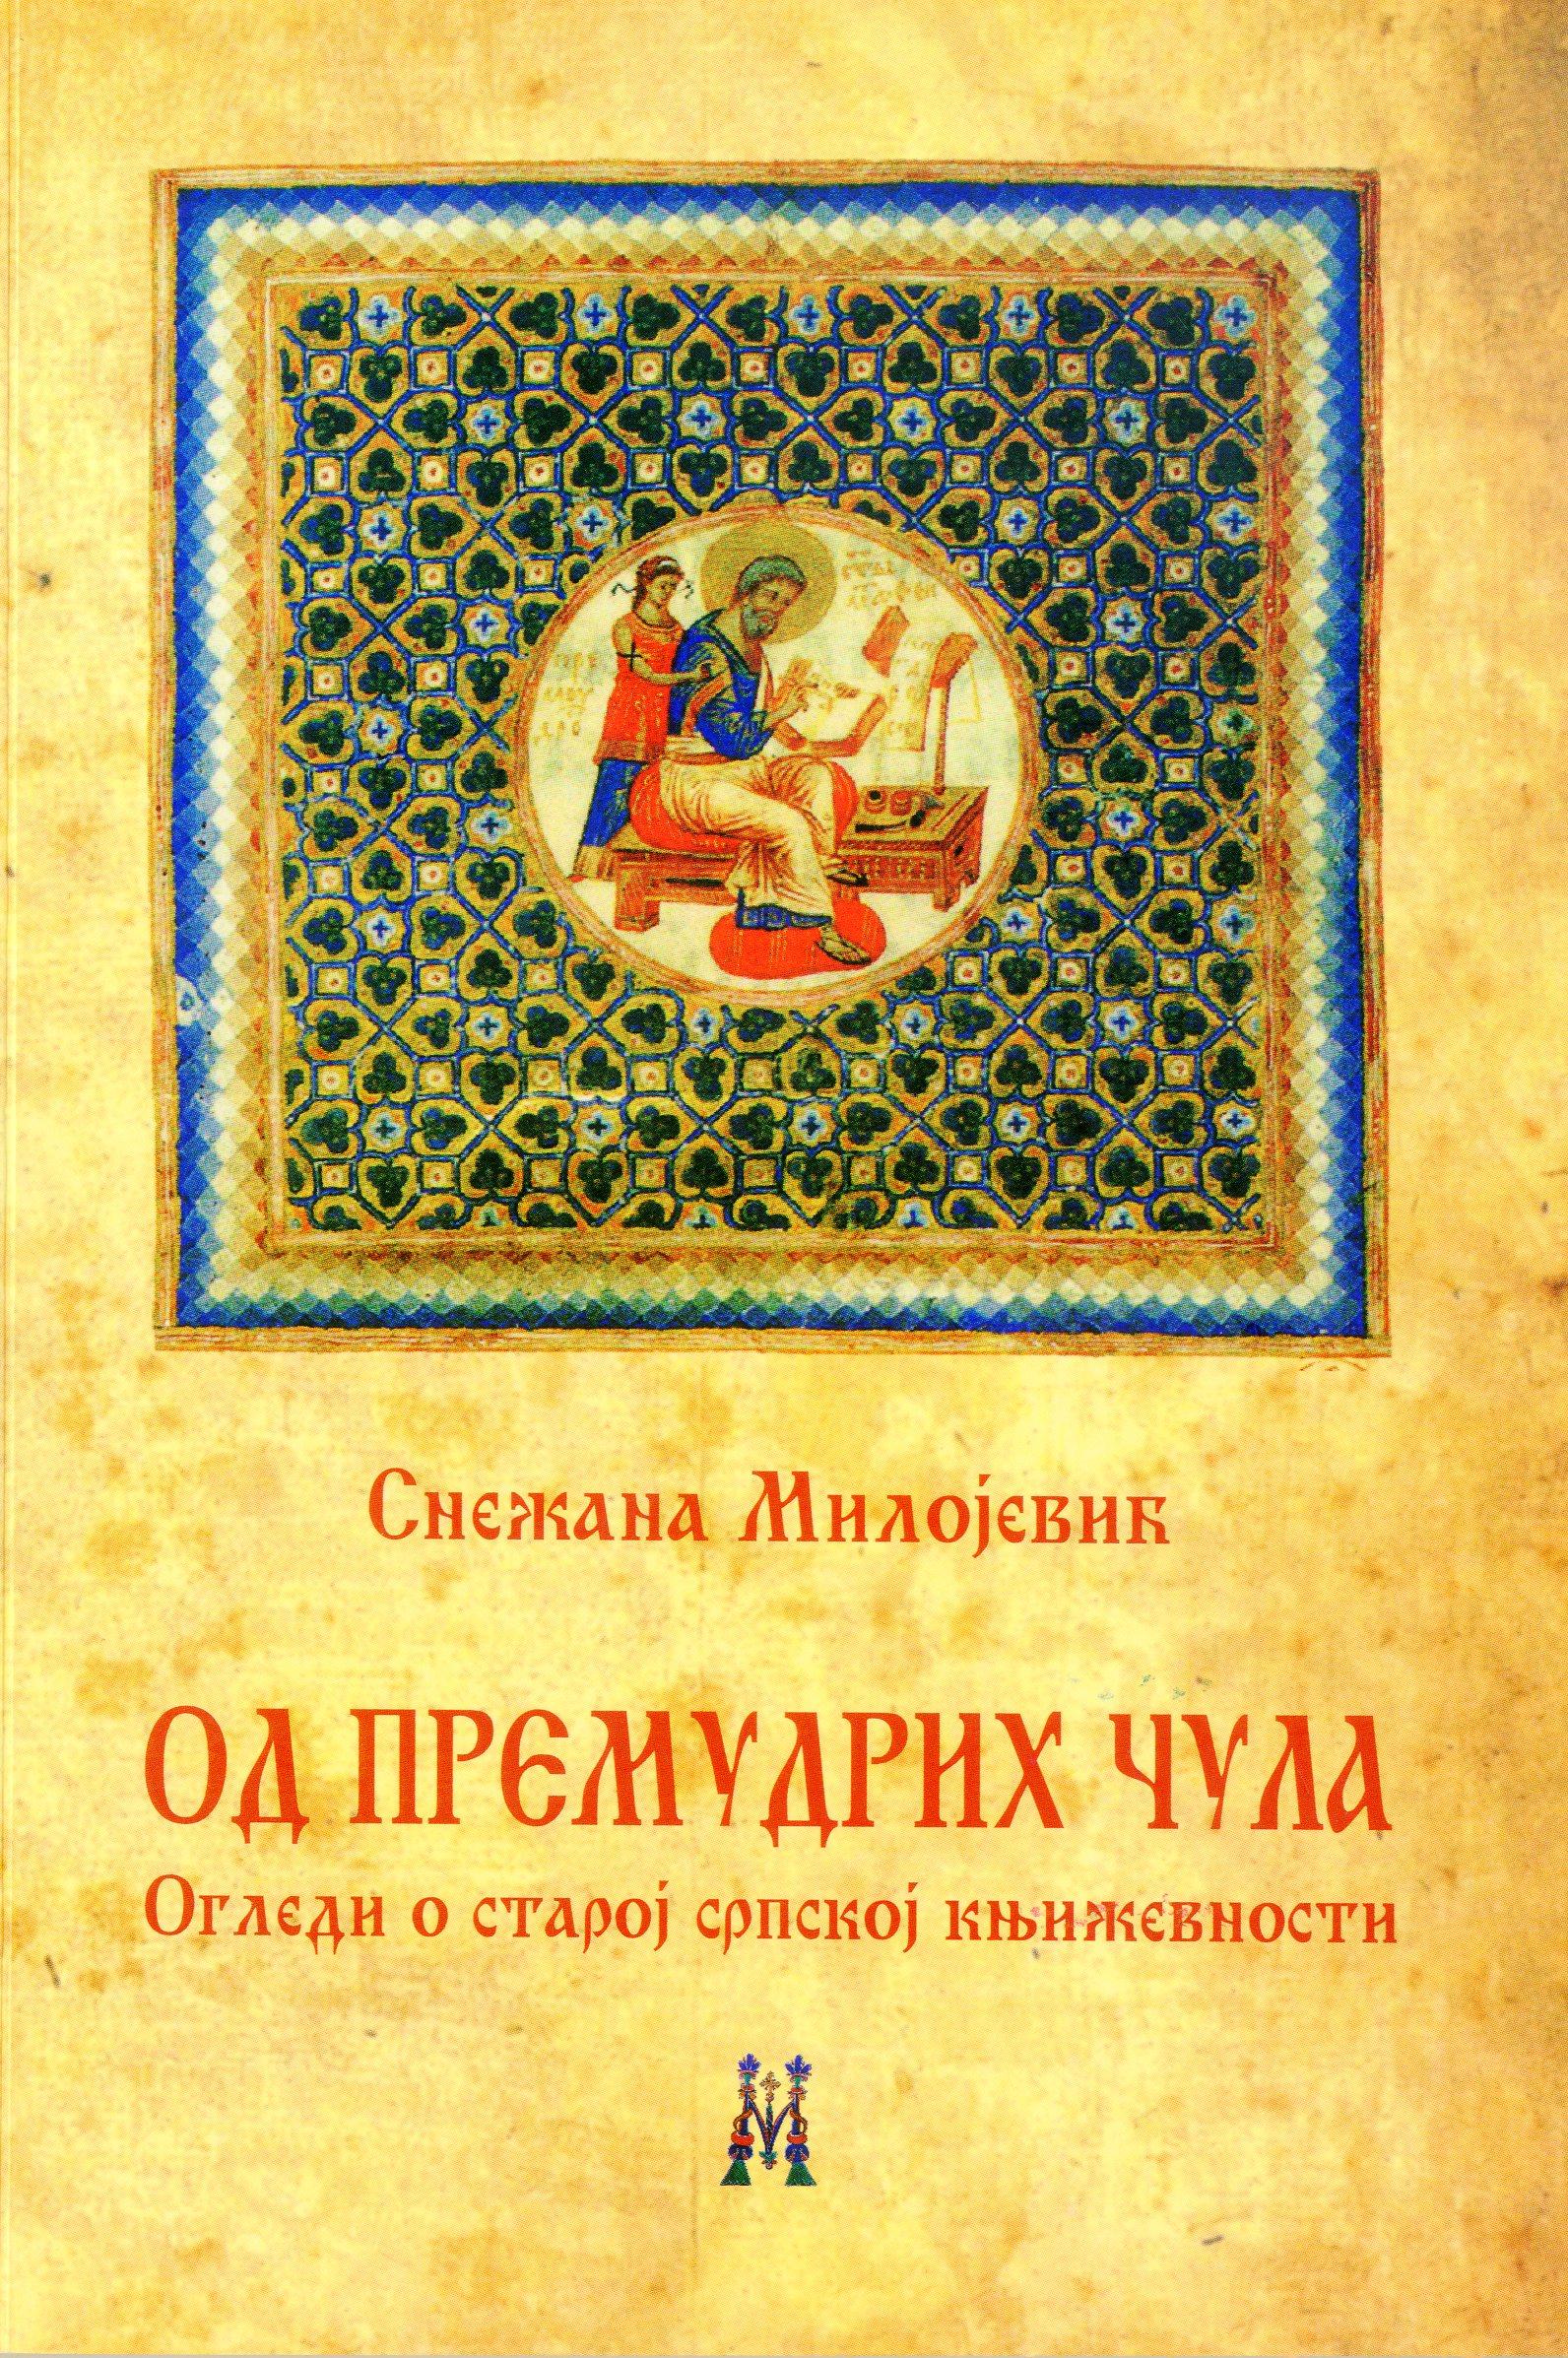 Од премудрих чула – Огледи о старој српској књижевности